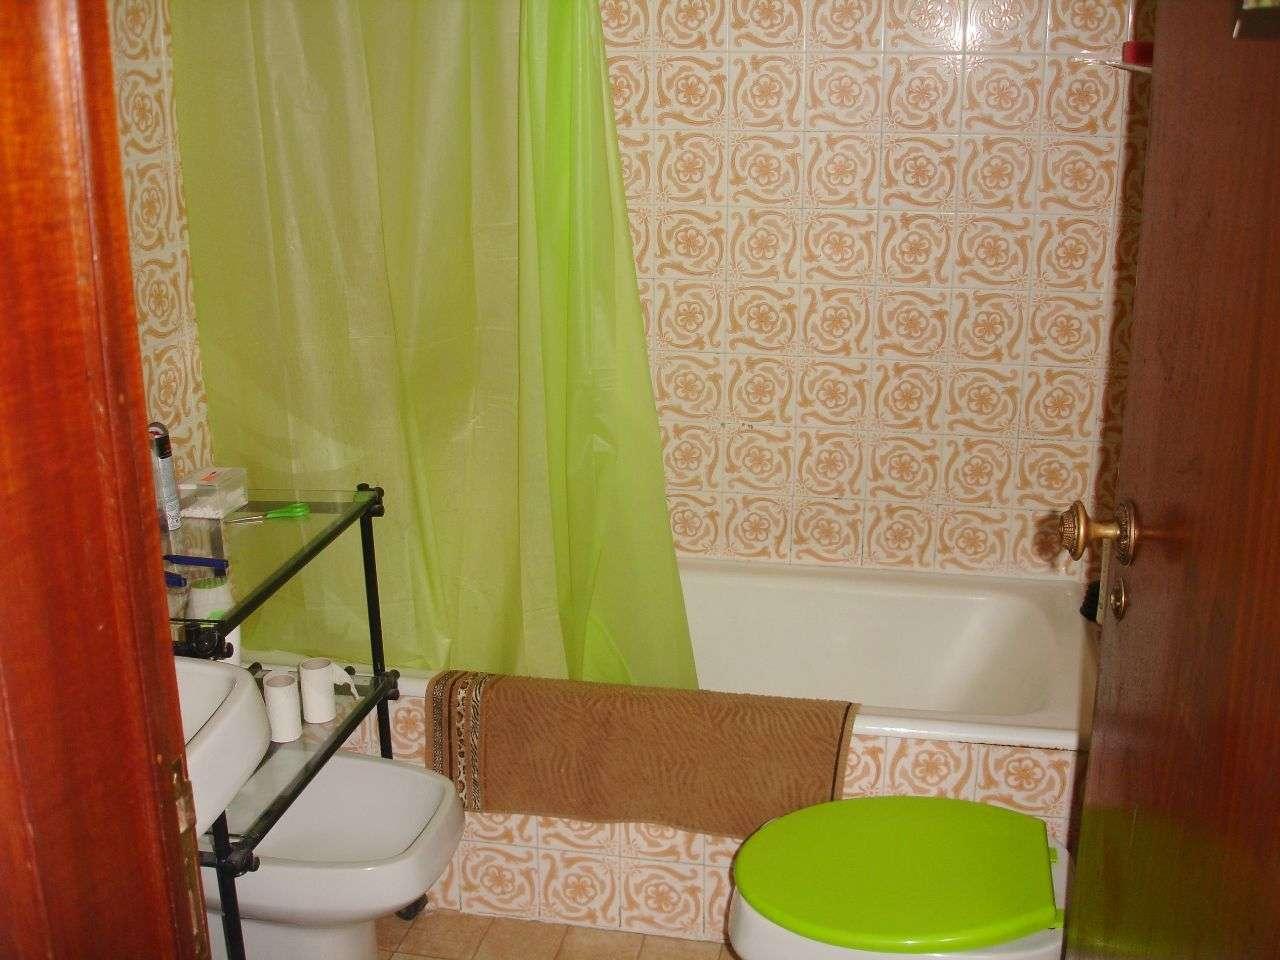 Apartamento para arrendar, Setúbal (São Julião, Nossa Senhora da Anunciada e Santa Maria da Graça), Setúbal - Foto 3